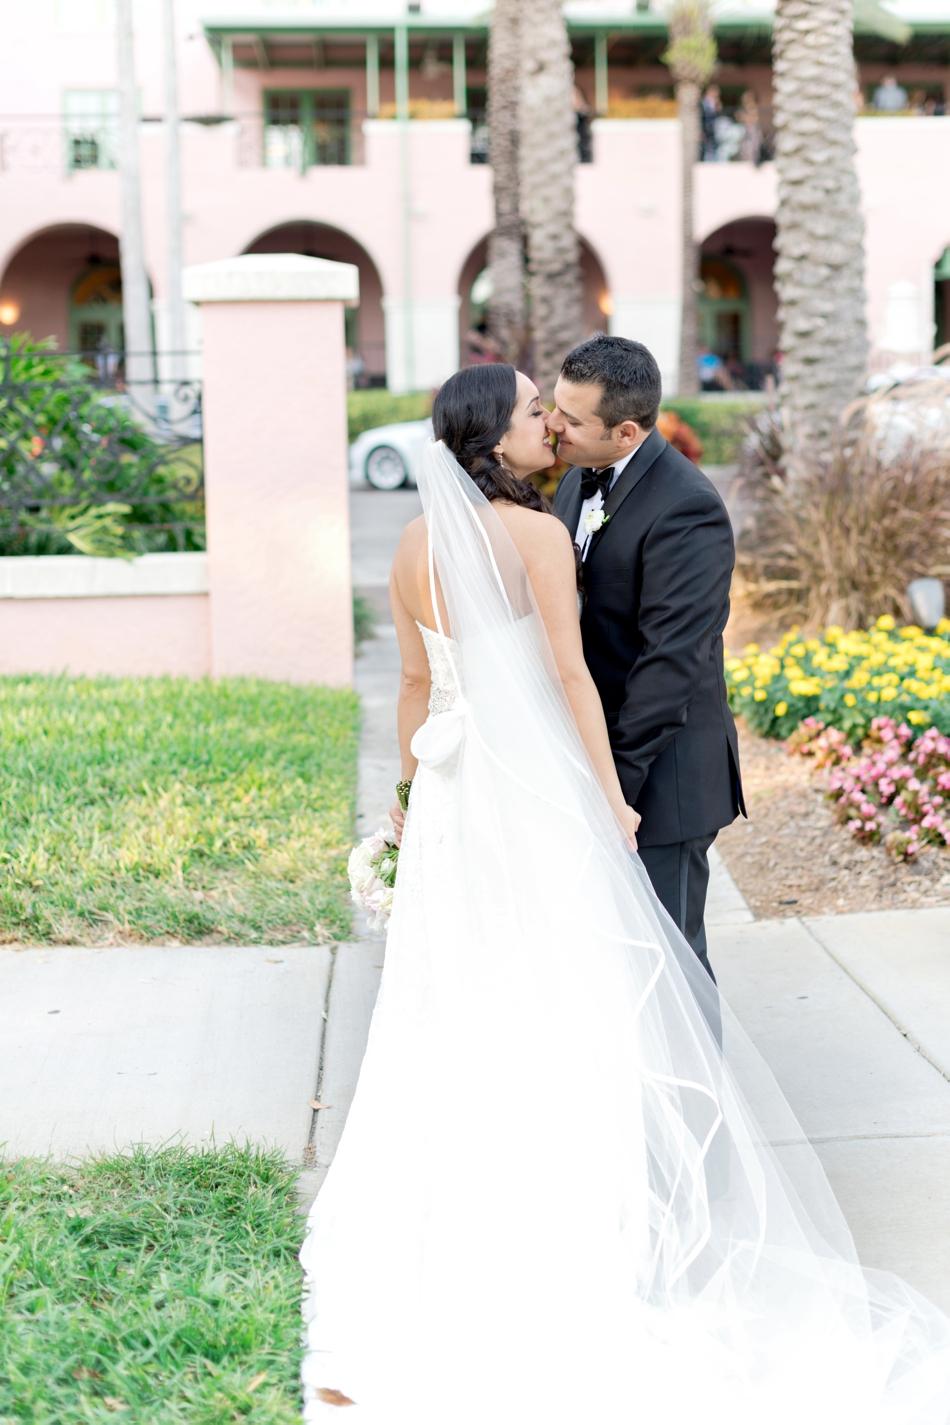 vinoy-catholic-wedding-44.jpg